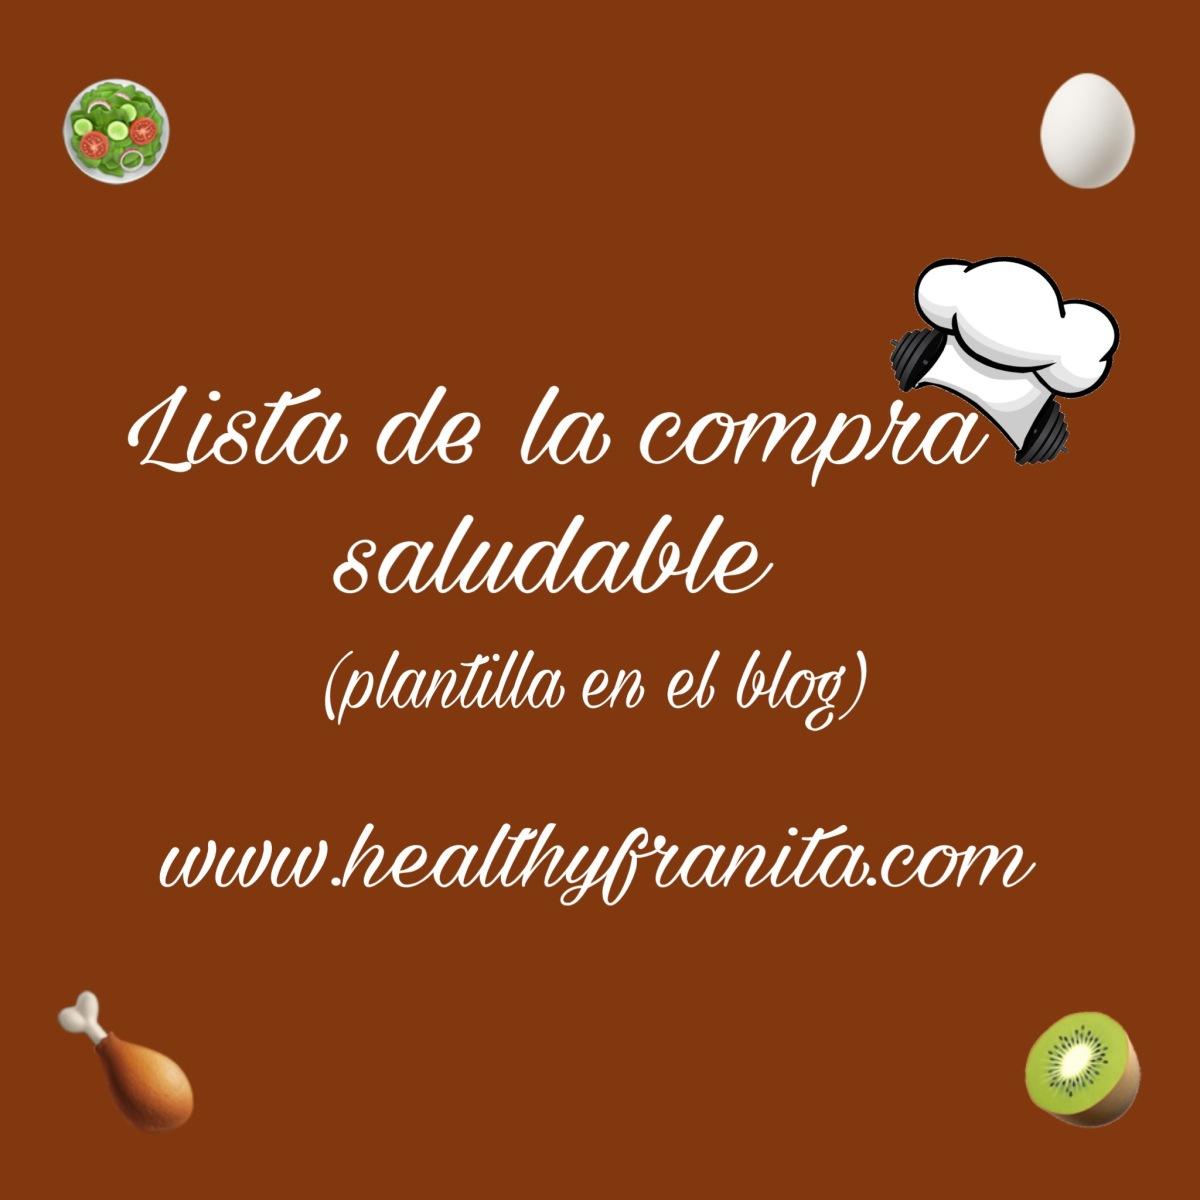 LISTA DE LA COMPRA SALUDABLE (plantilla)